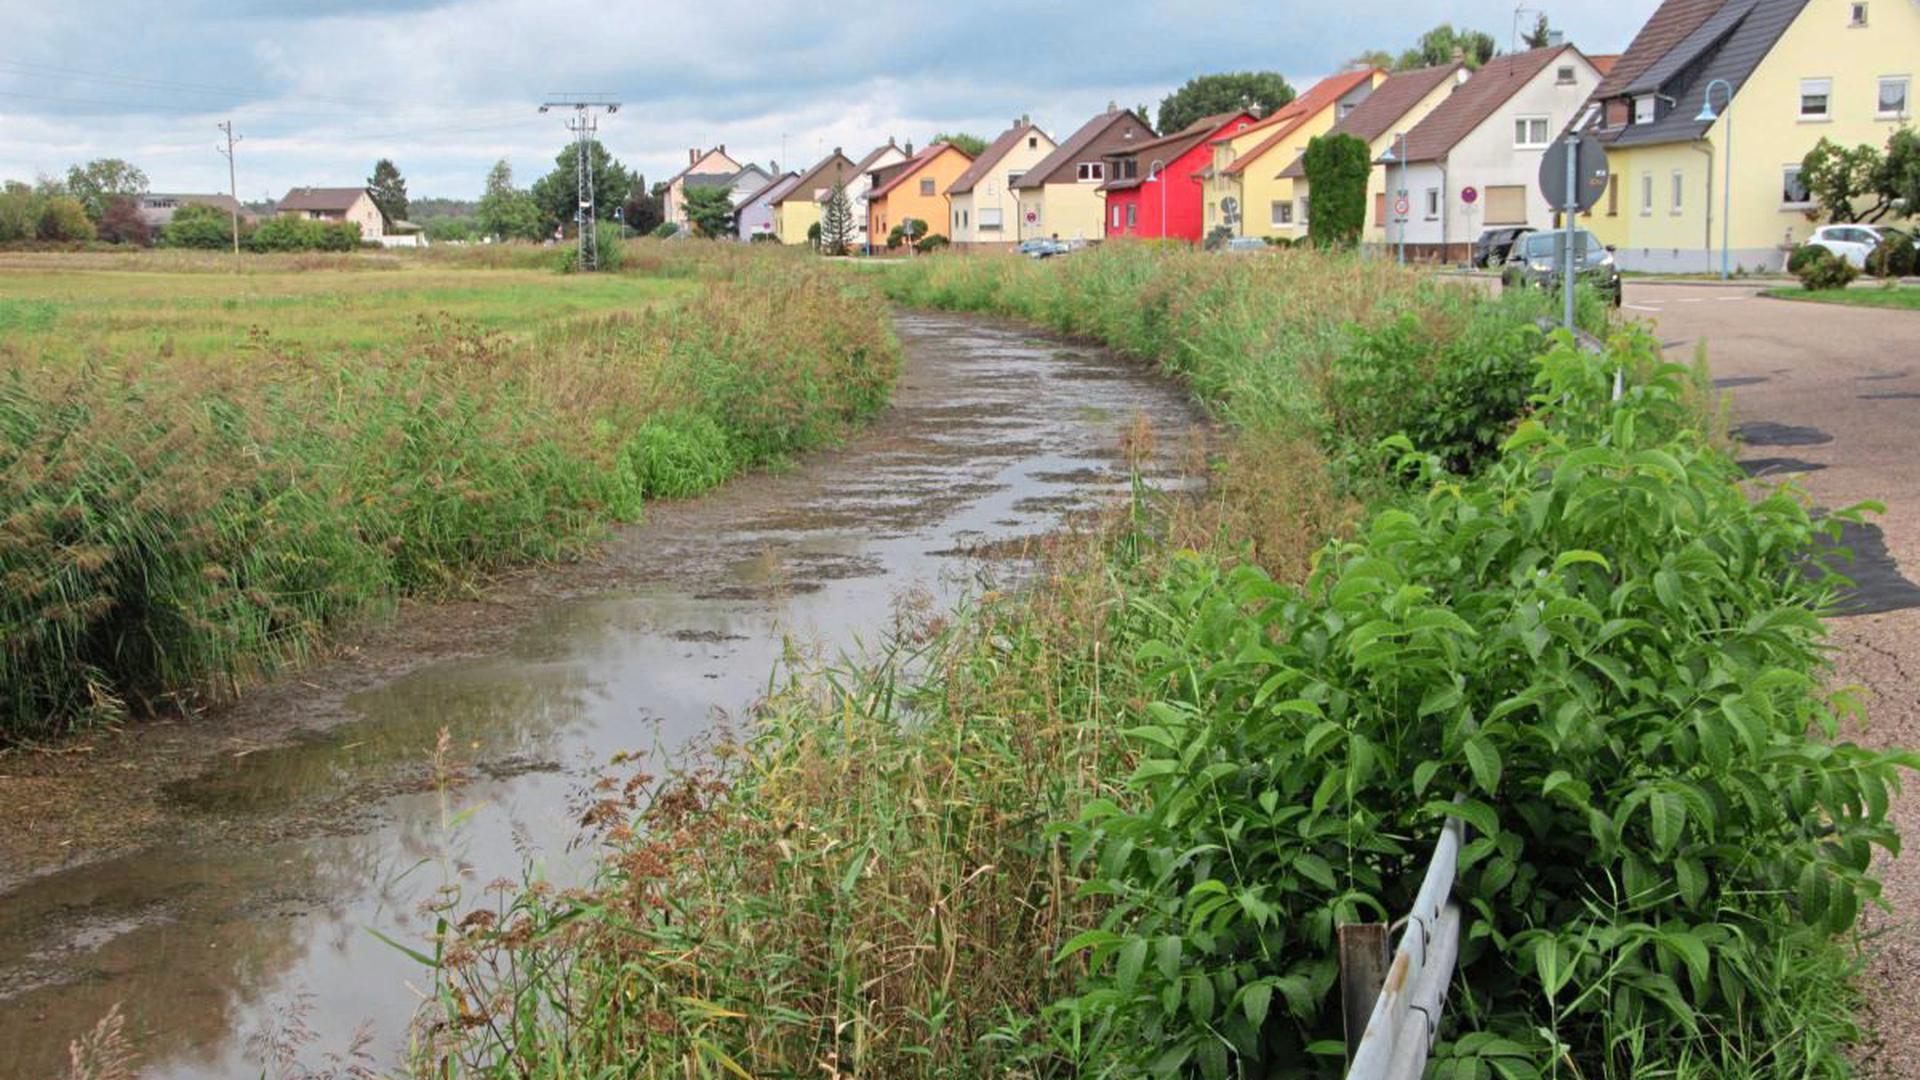 Der Pfinzkanal bietet derzeit ein recht trauriges Bild. Der niedrige Wasserstand wird langsam aber sicher zum Problem.